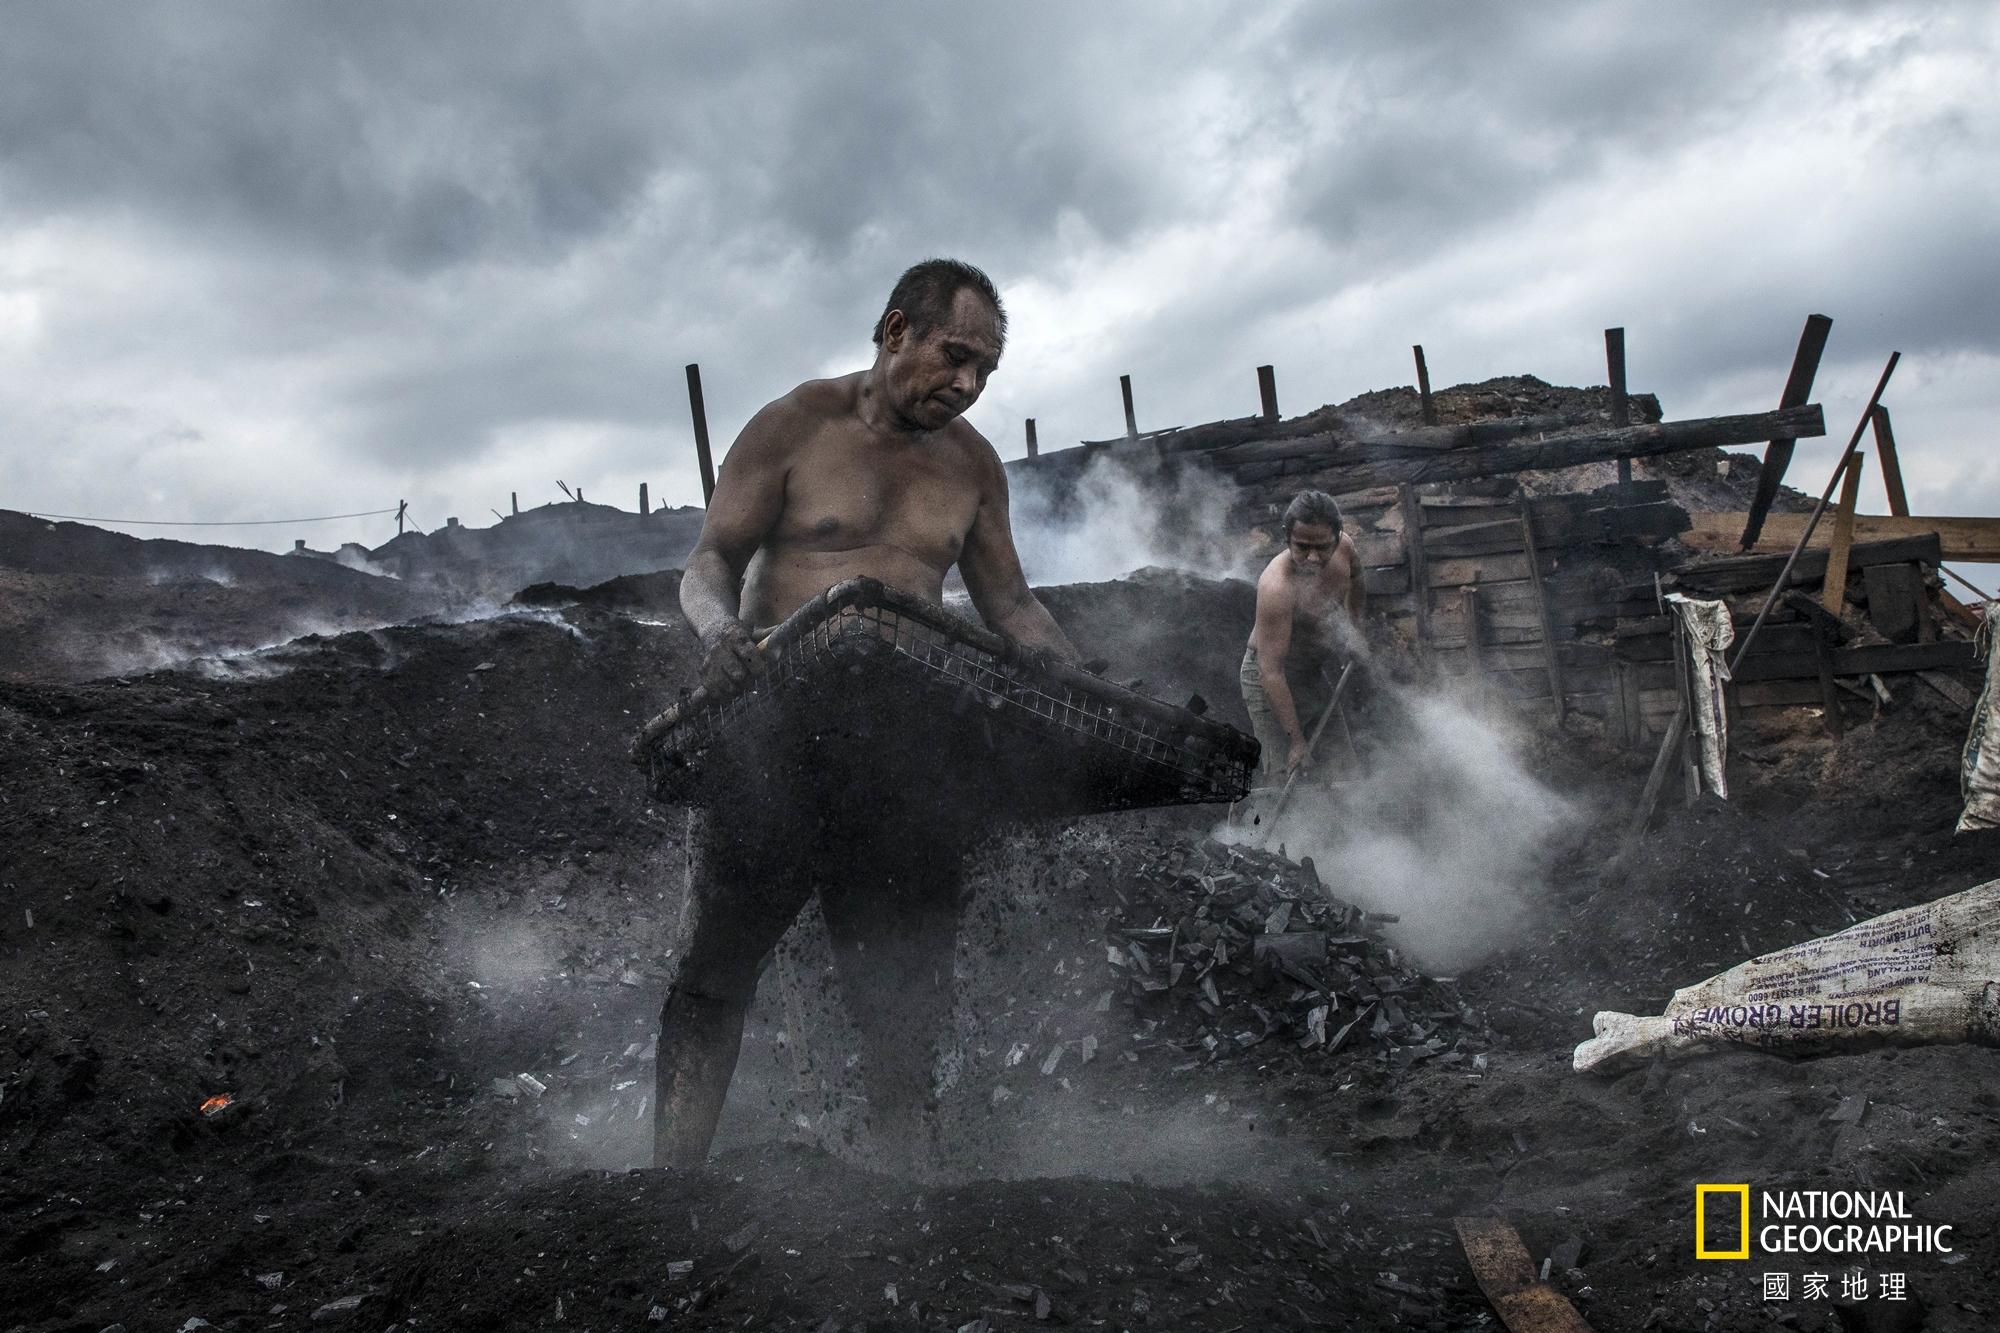 人物組冠軍:勤作 (攝影:張毅生)。在礦區的木炭移工不畏烈日風雨 , 每天勤奮地努力工作著。為了生活 , 儘管環境惡劣 , 仍要勇敢地奮鬥下去。